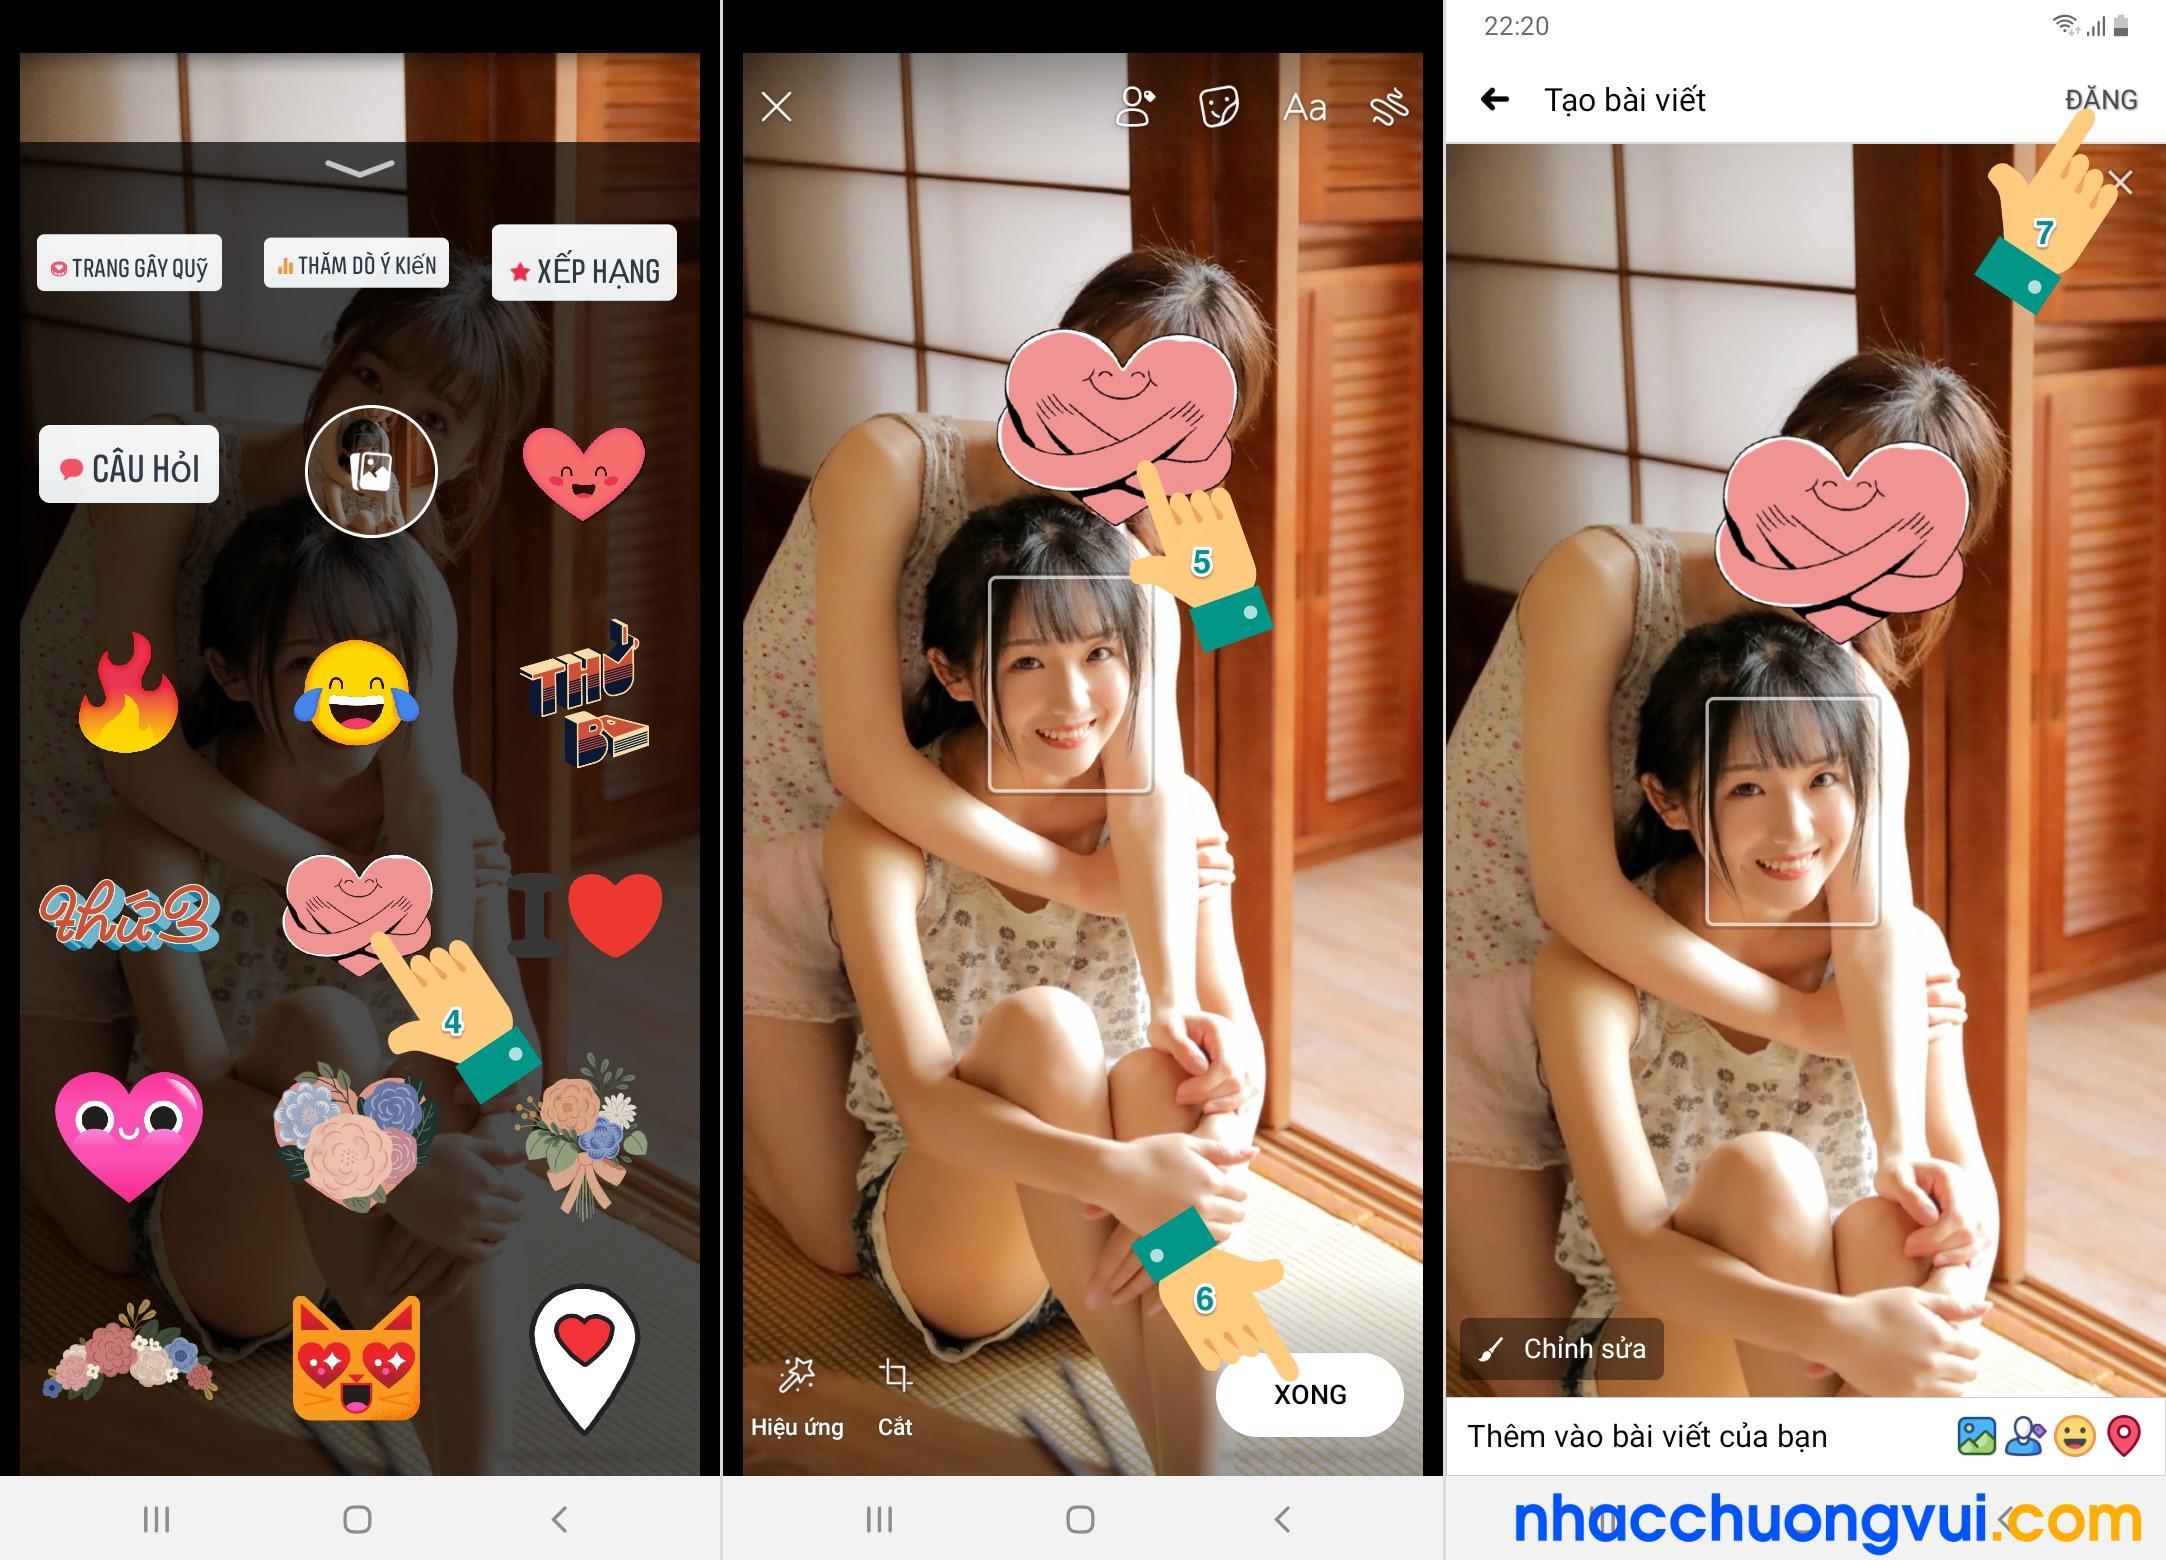 Cách che mặt trong ảnh trên điện thoại không cần phần mềm 2